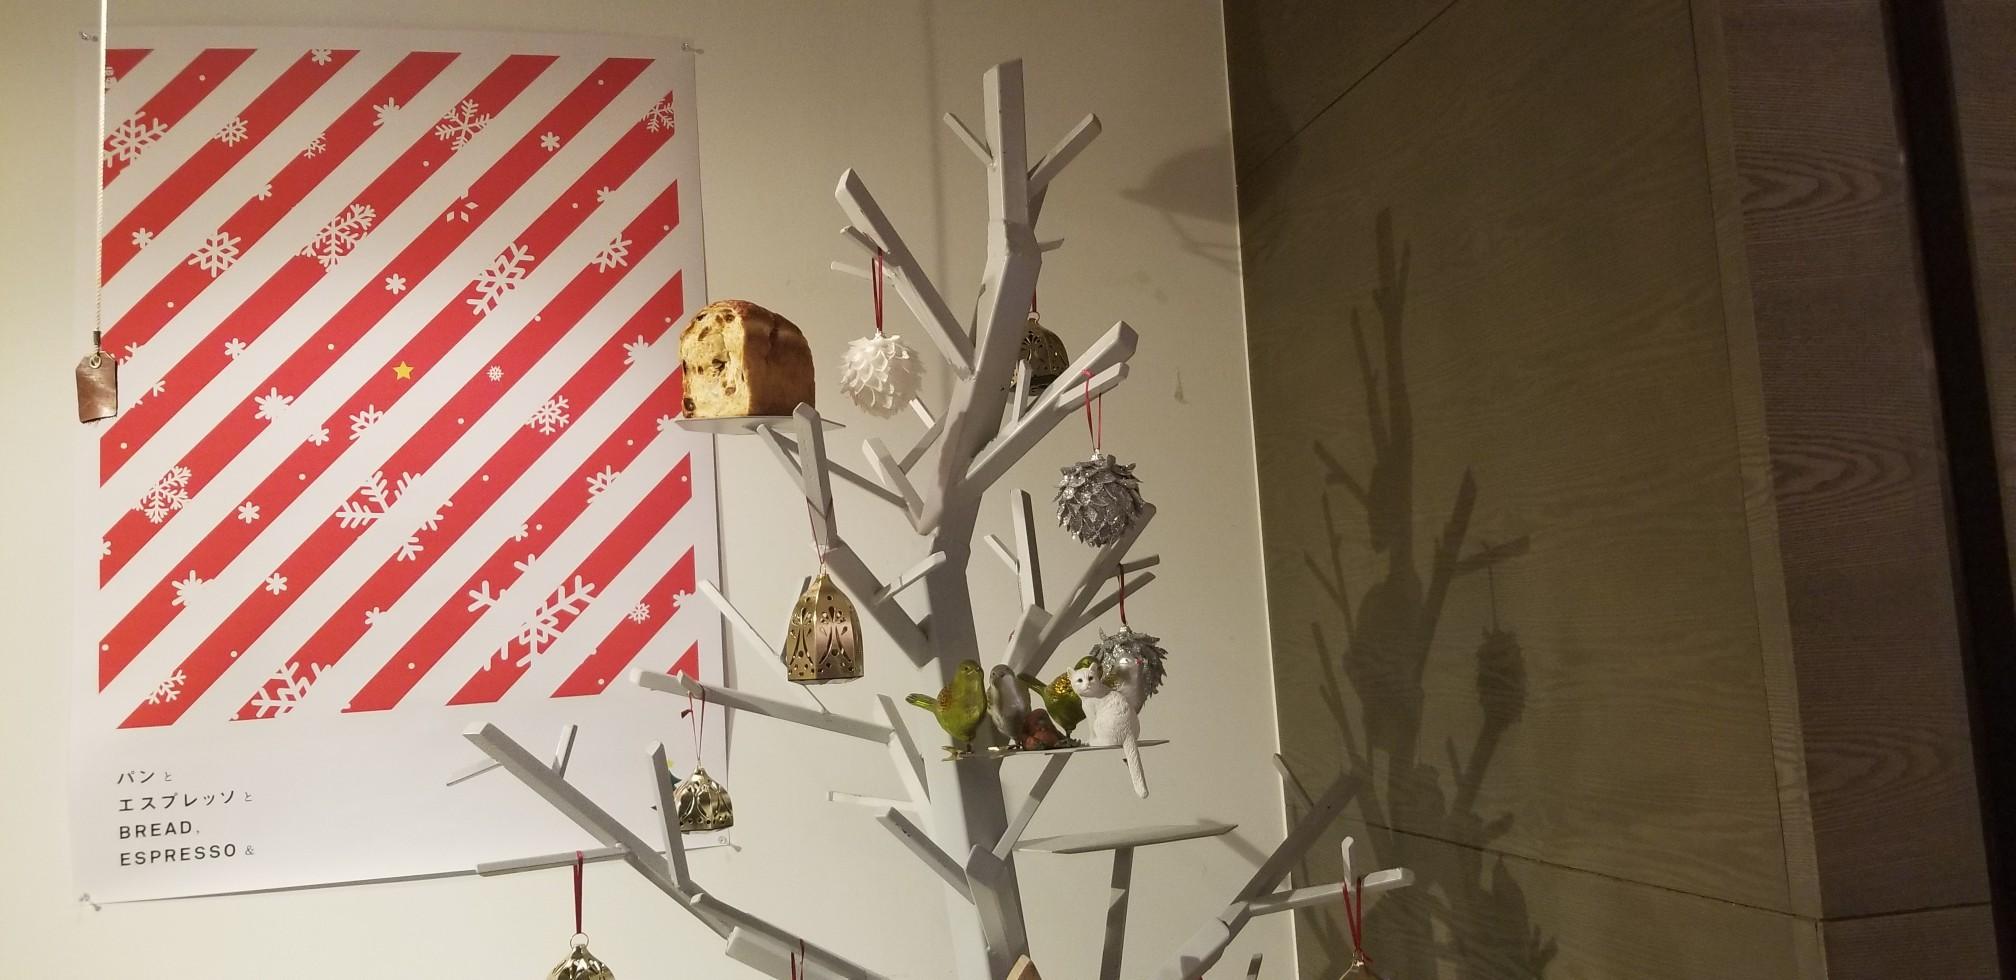 ♪令和元年★クリスマス&食模様(地元編)_d0162225_20504921.jpg